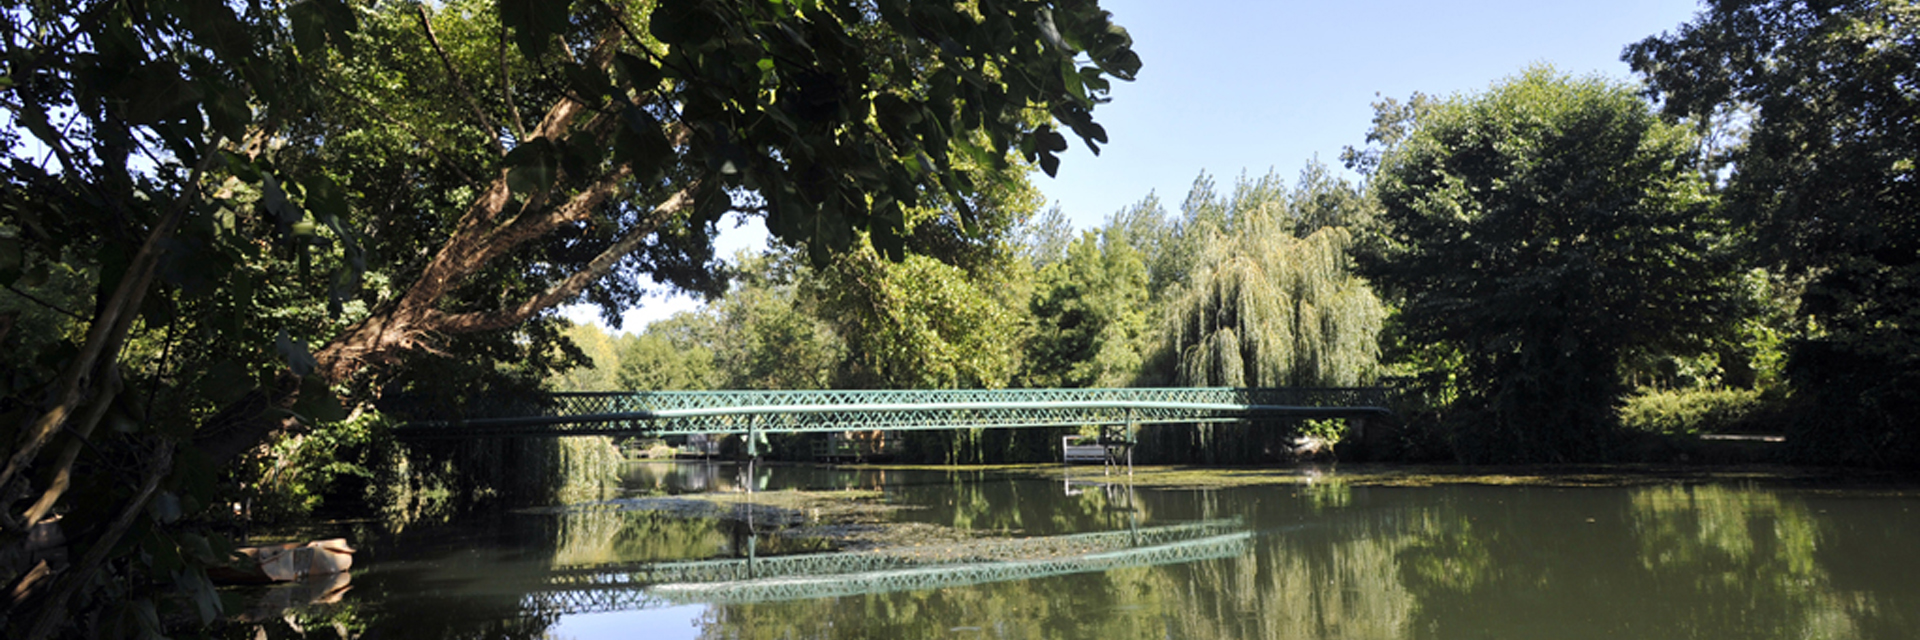 Aux portes du Marais Poitevin